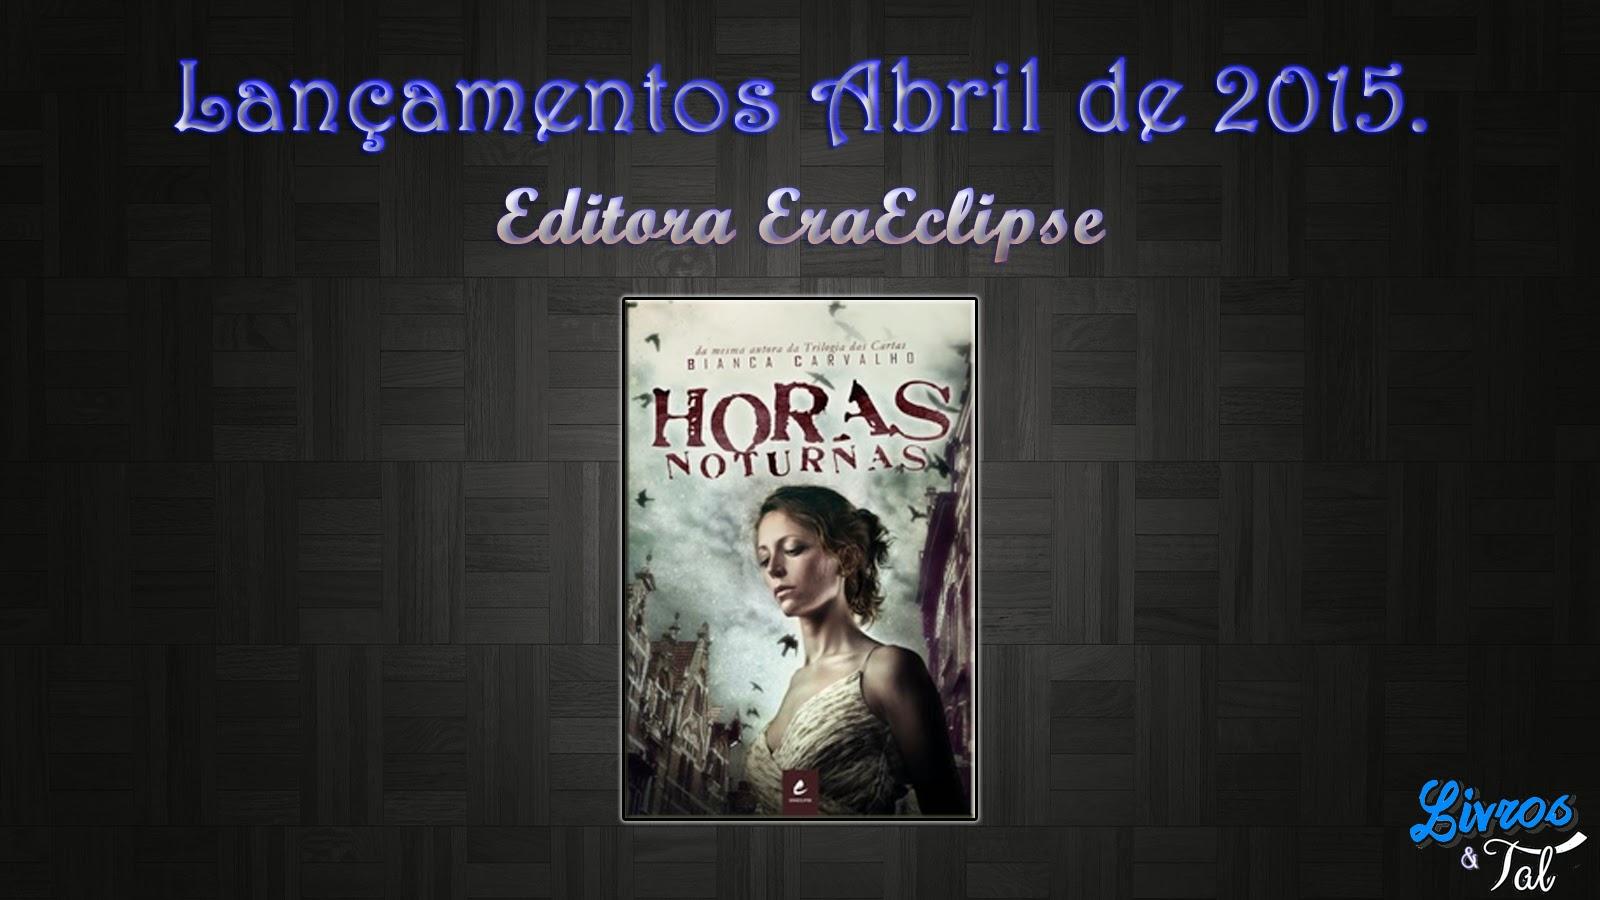 http://livrosetalgroup.blogspot.com.br/p/lancamento-abril-de-2015-editora.html